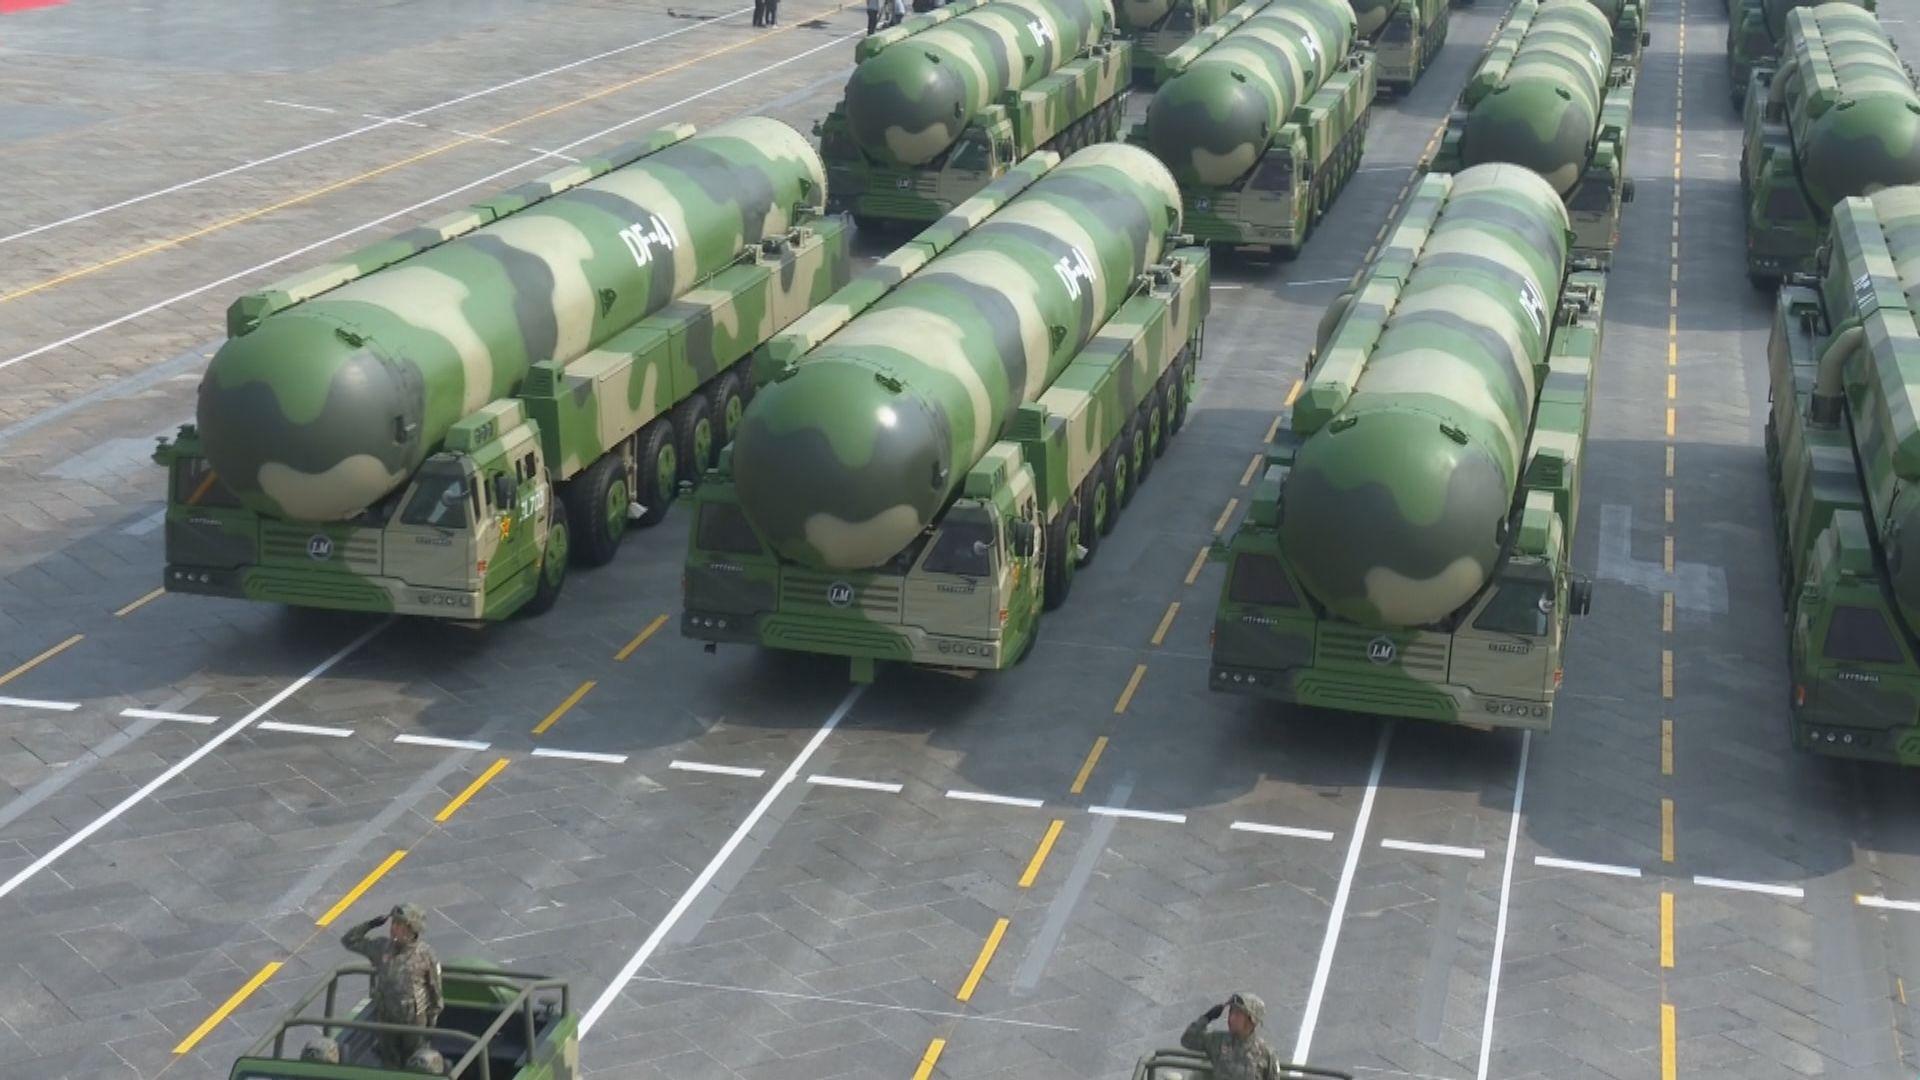 華府回應中國試射高超音速導彈 稱關注中國持續擴張軍力